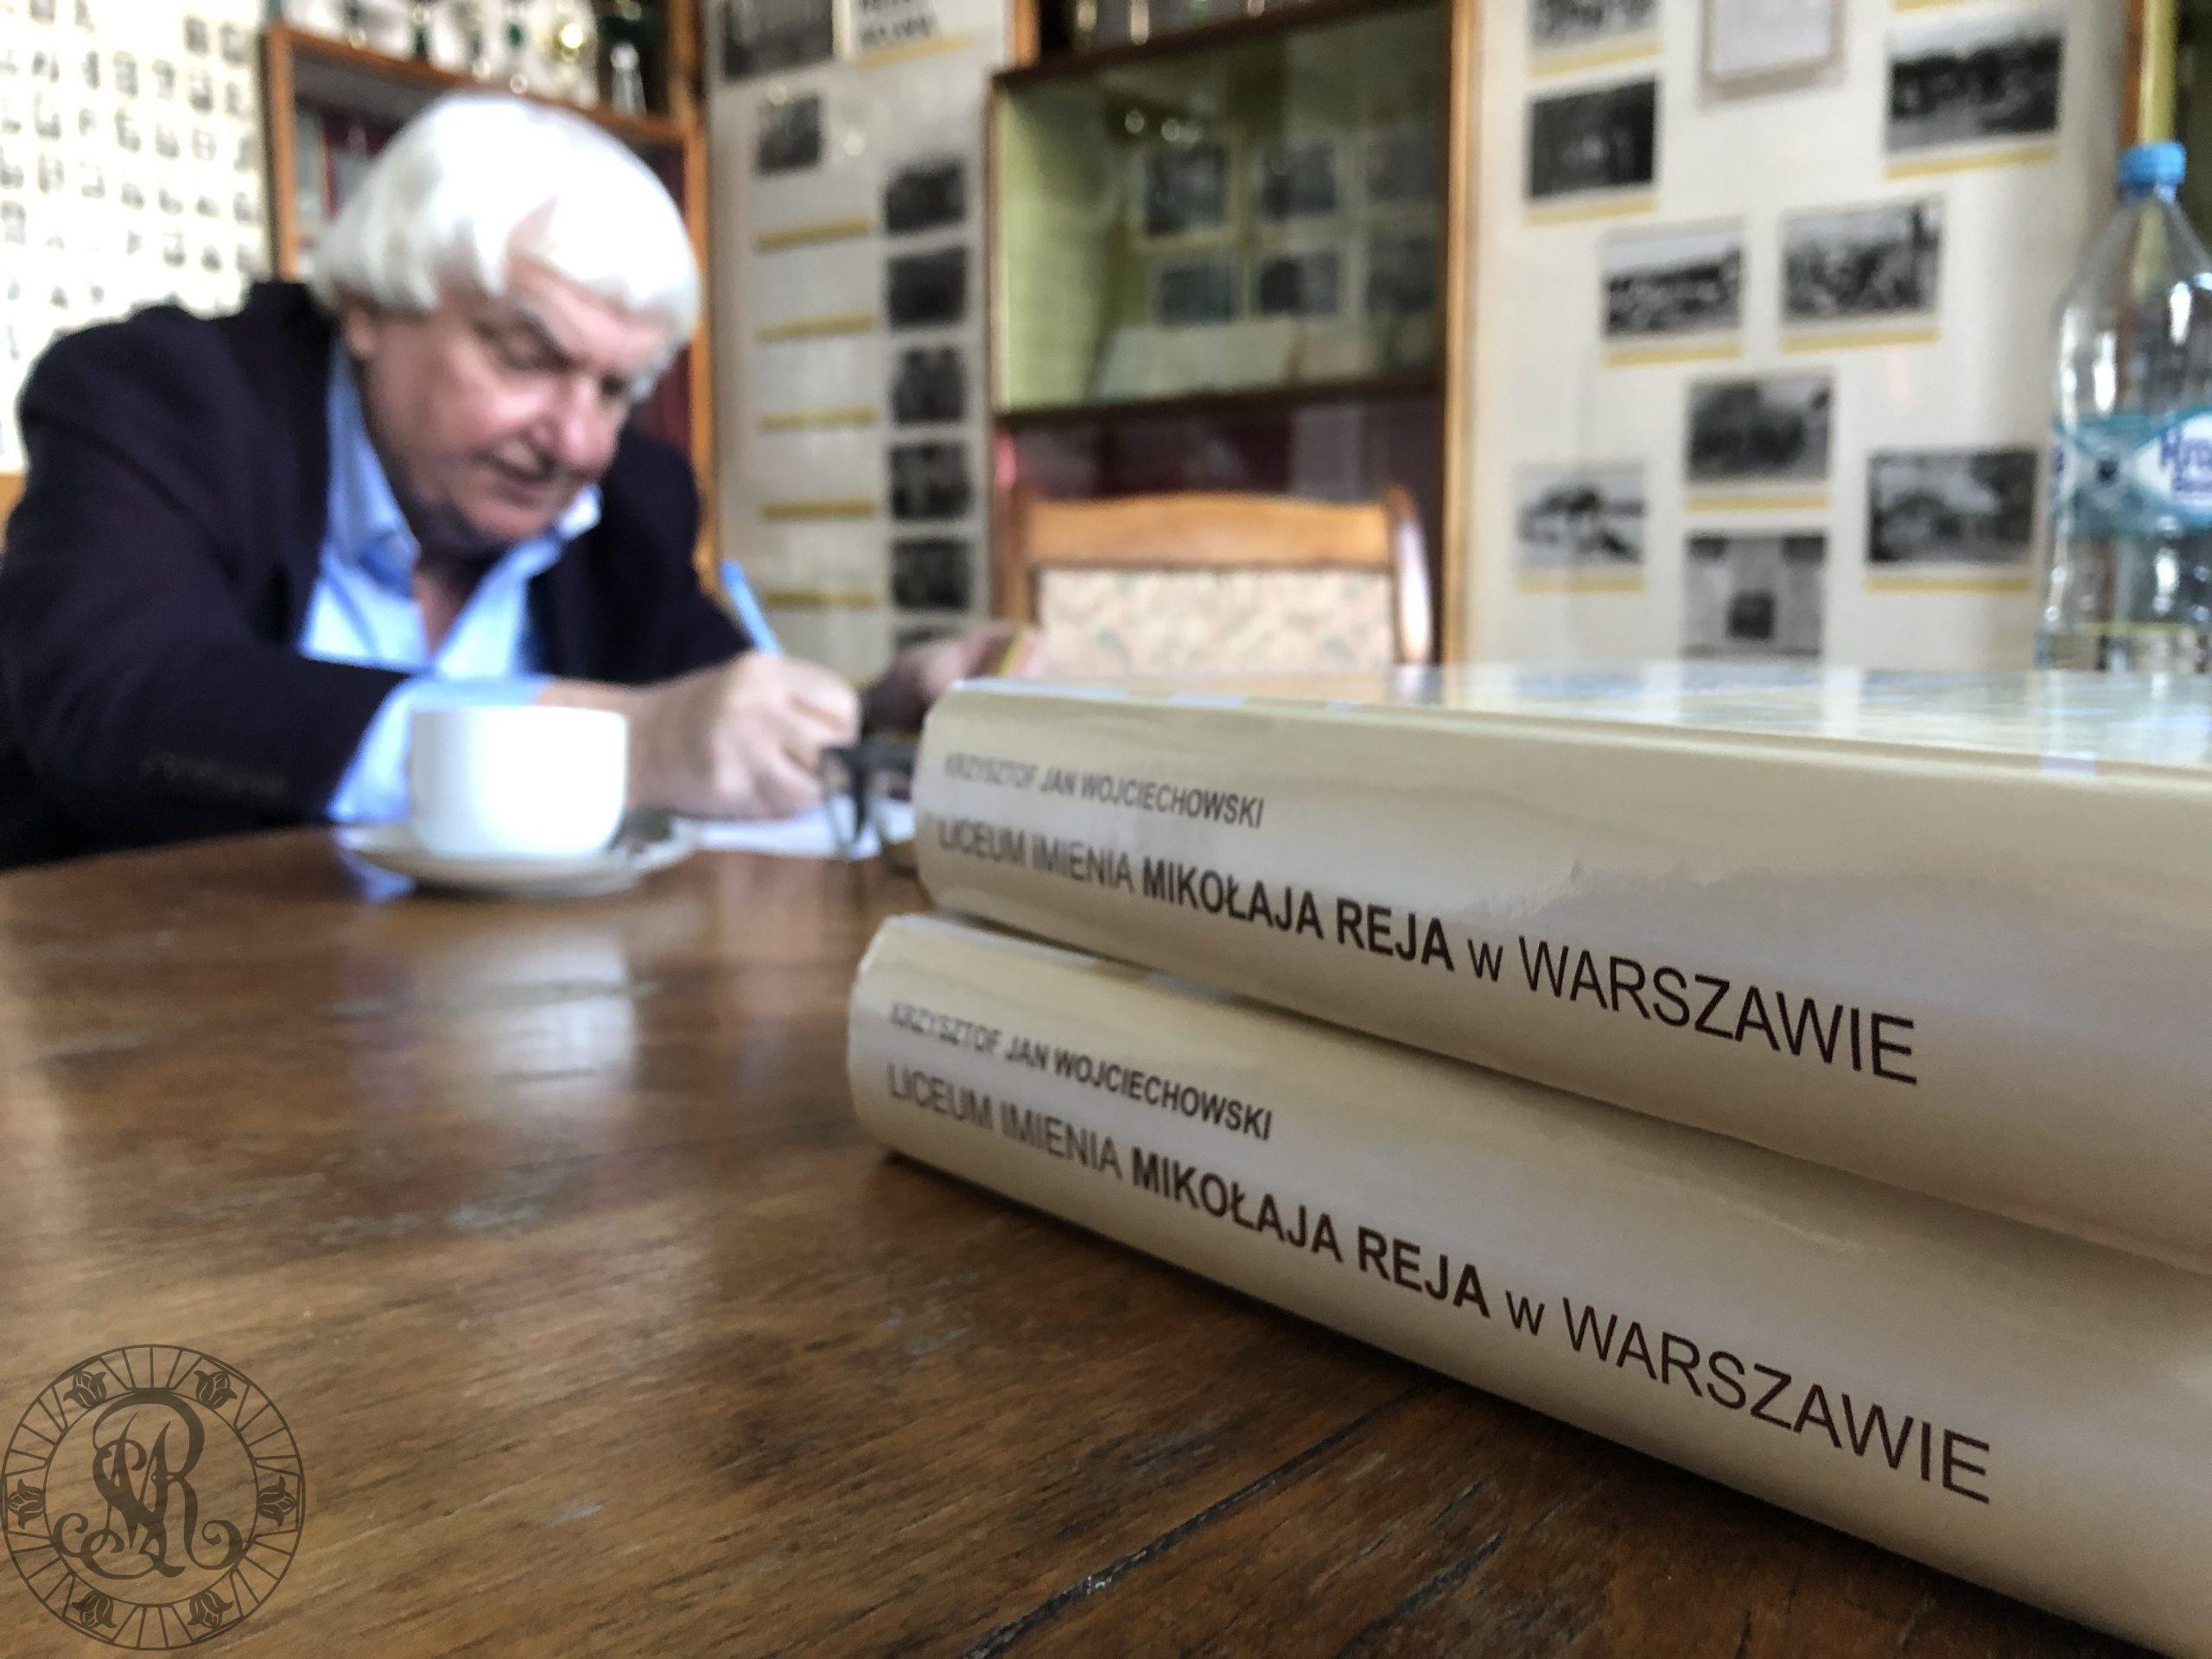 """""""Liceum imienia Mikołaja Reja w Warszawie 1950-1955 (apogeum stalinizmu) – Widziane z Cafe Gruz"""""""